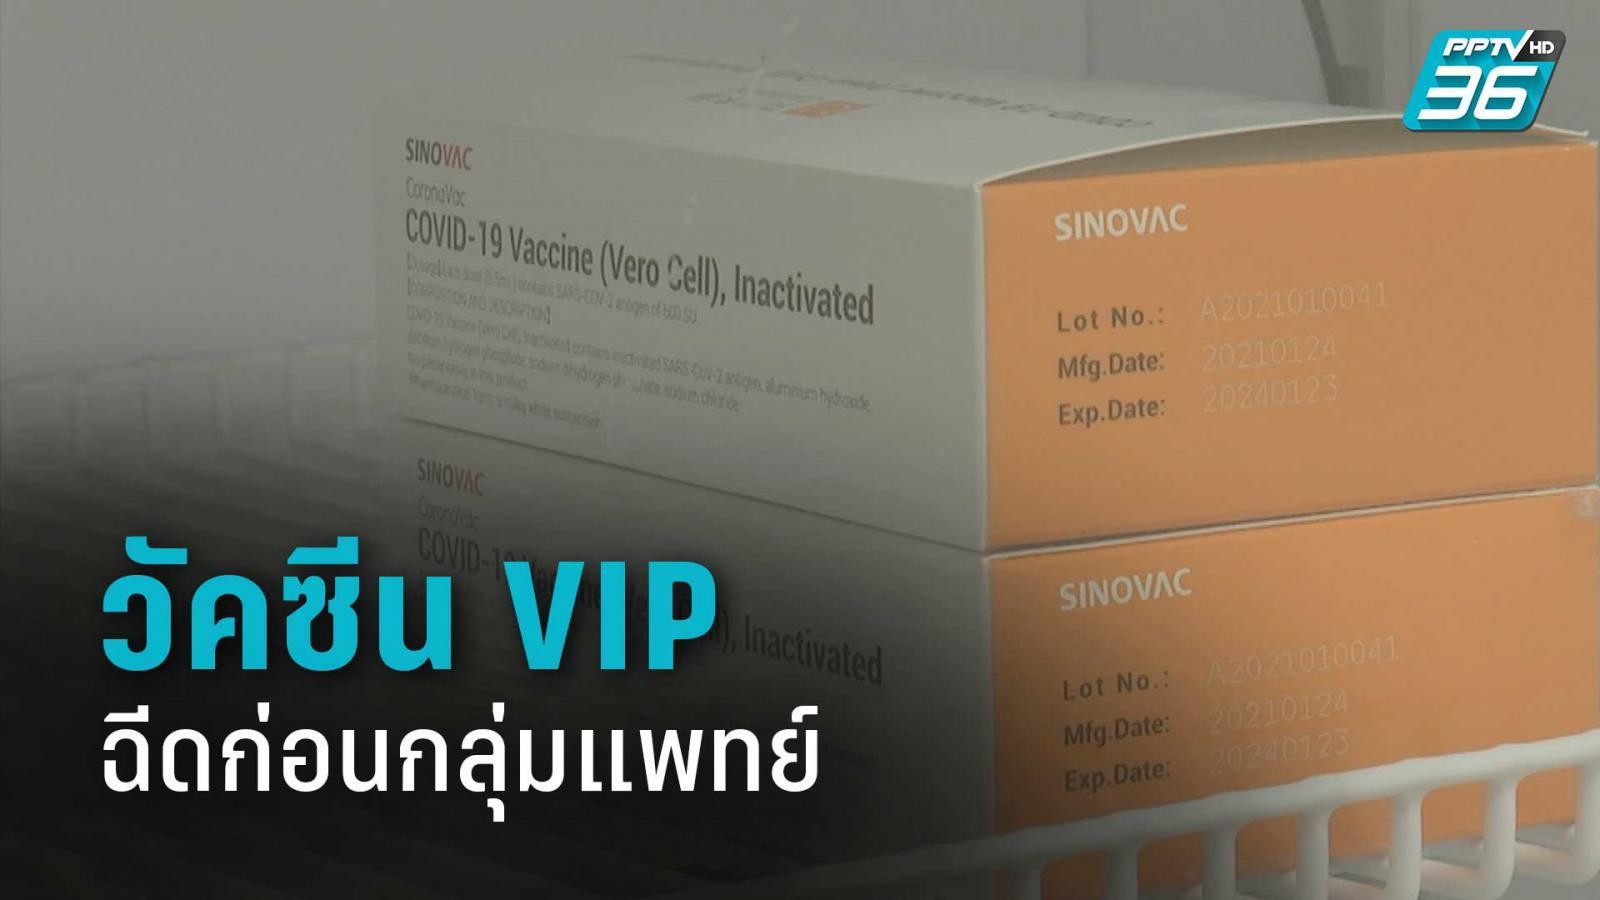 เพจดังแฉ VIP ฉีดวัคซีนโควิด ก่อนกลุ่มแพทย์